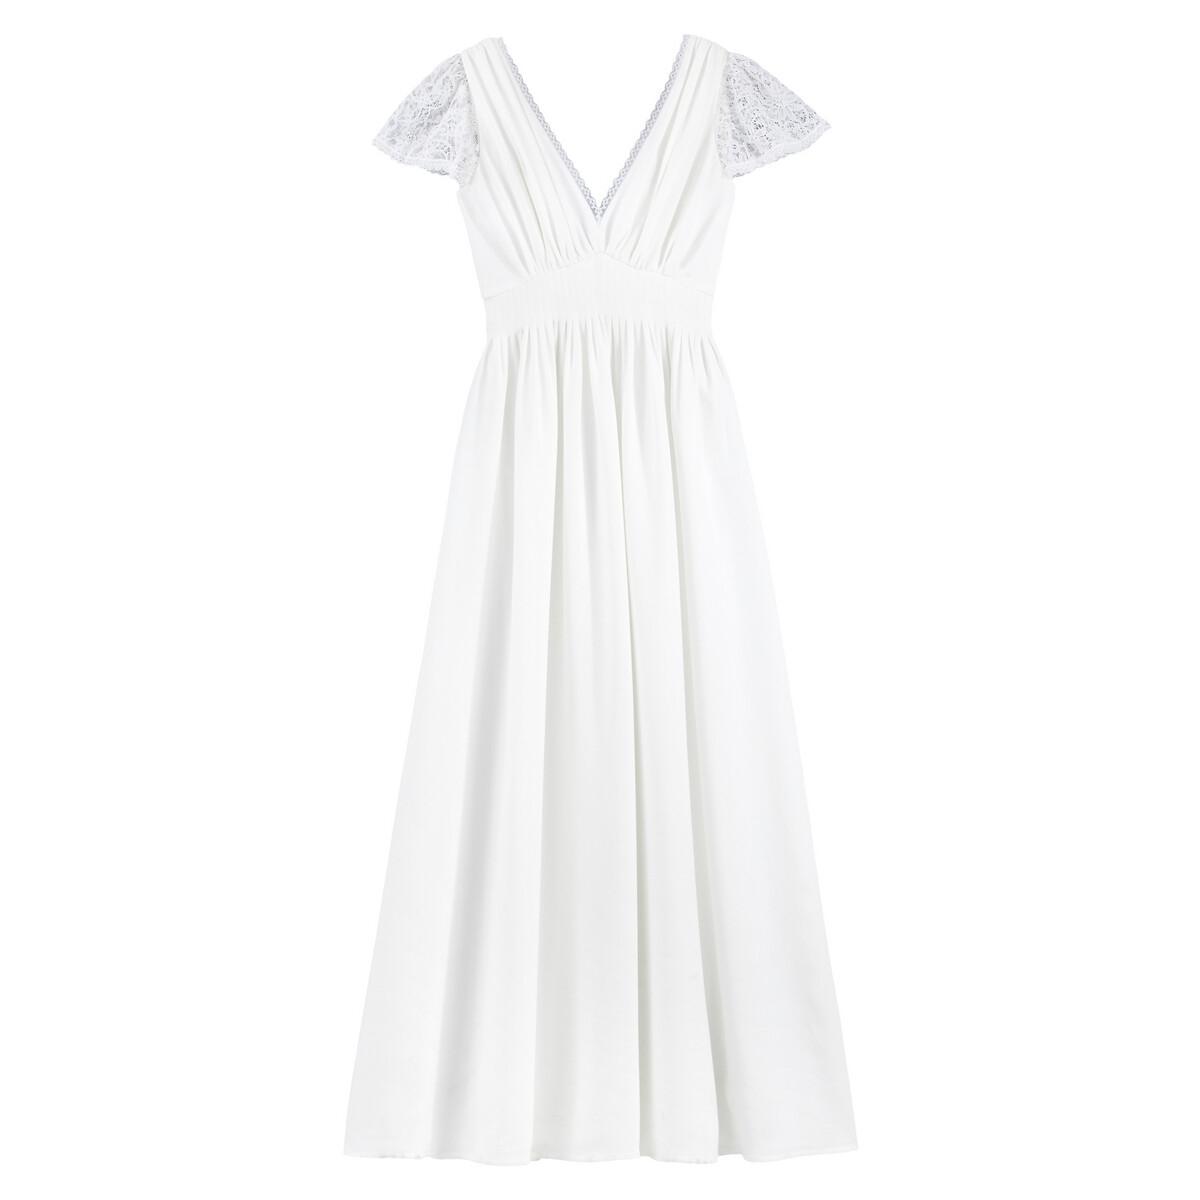 Платье La Redoute Невесты длинное короткие кружевные рукава 36 (FR) - 42 (RUS) белый